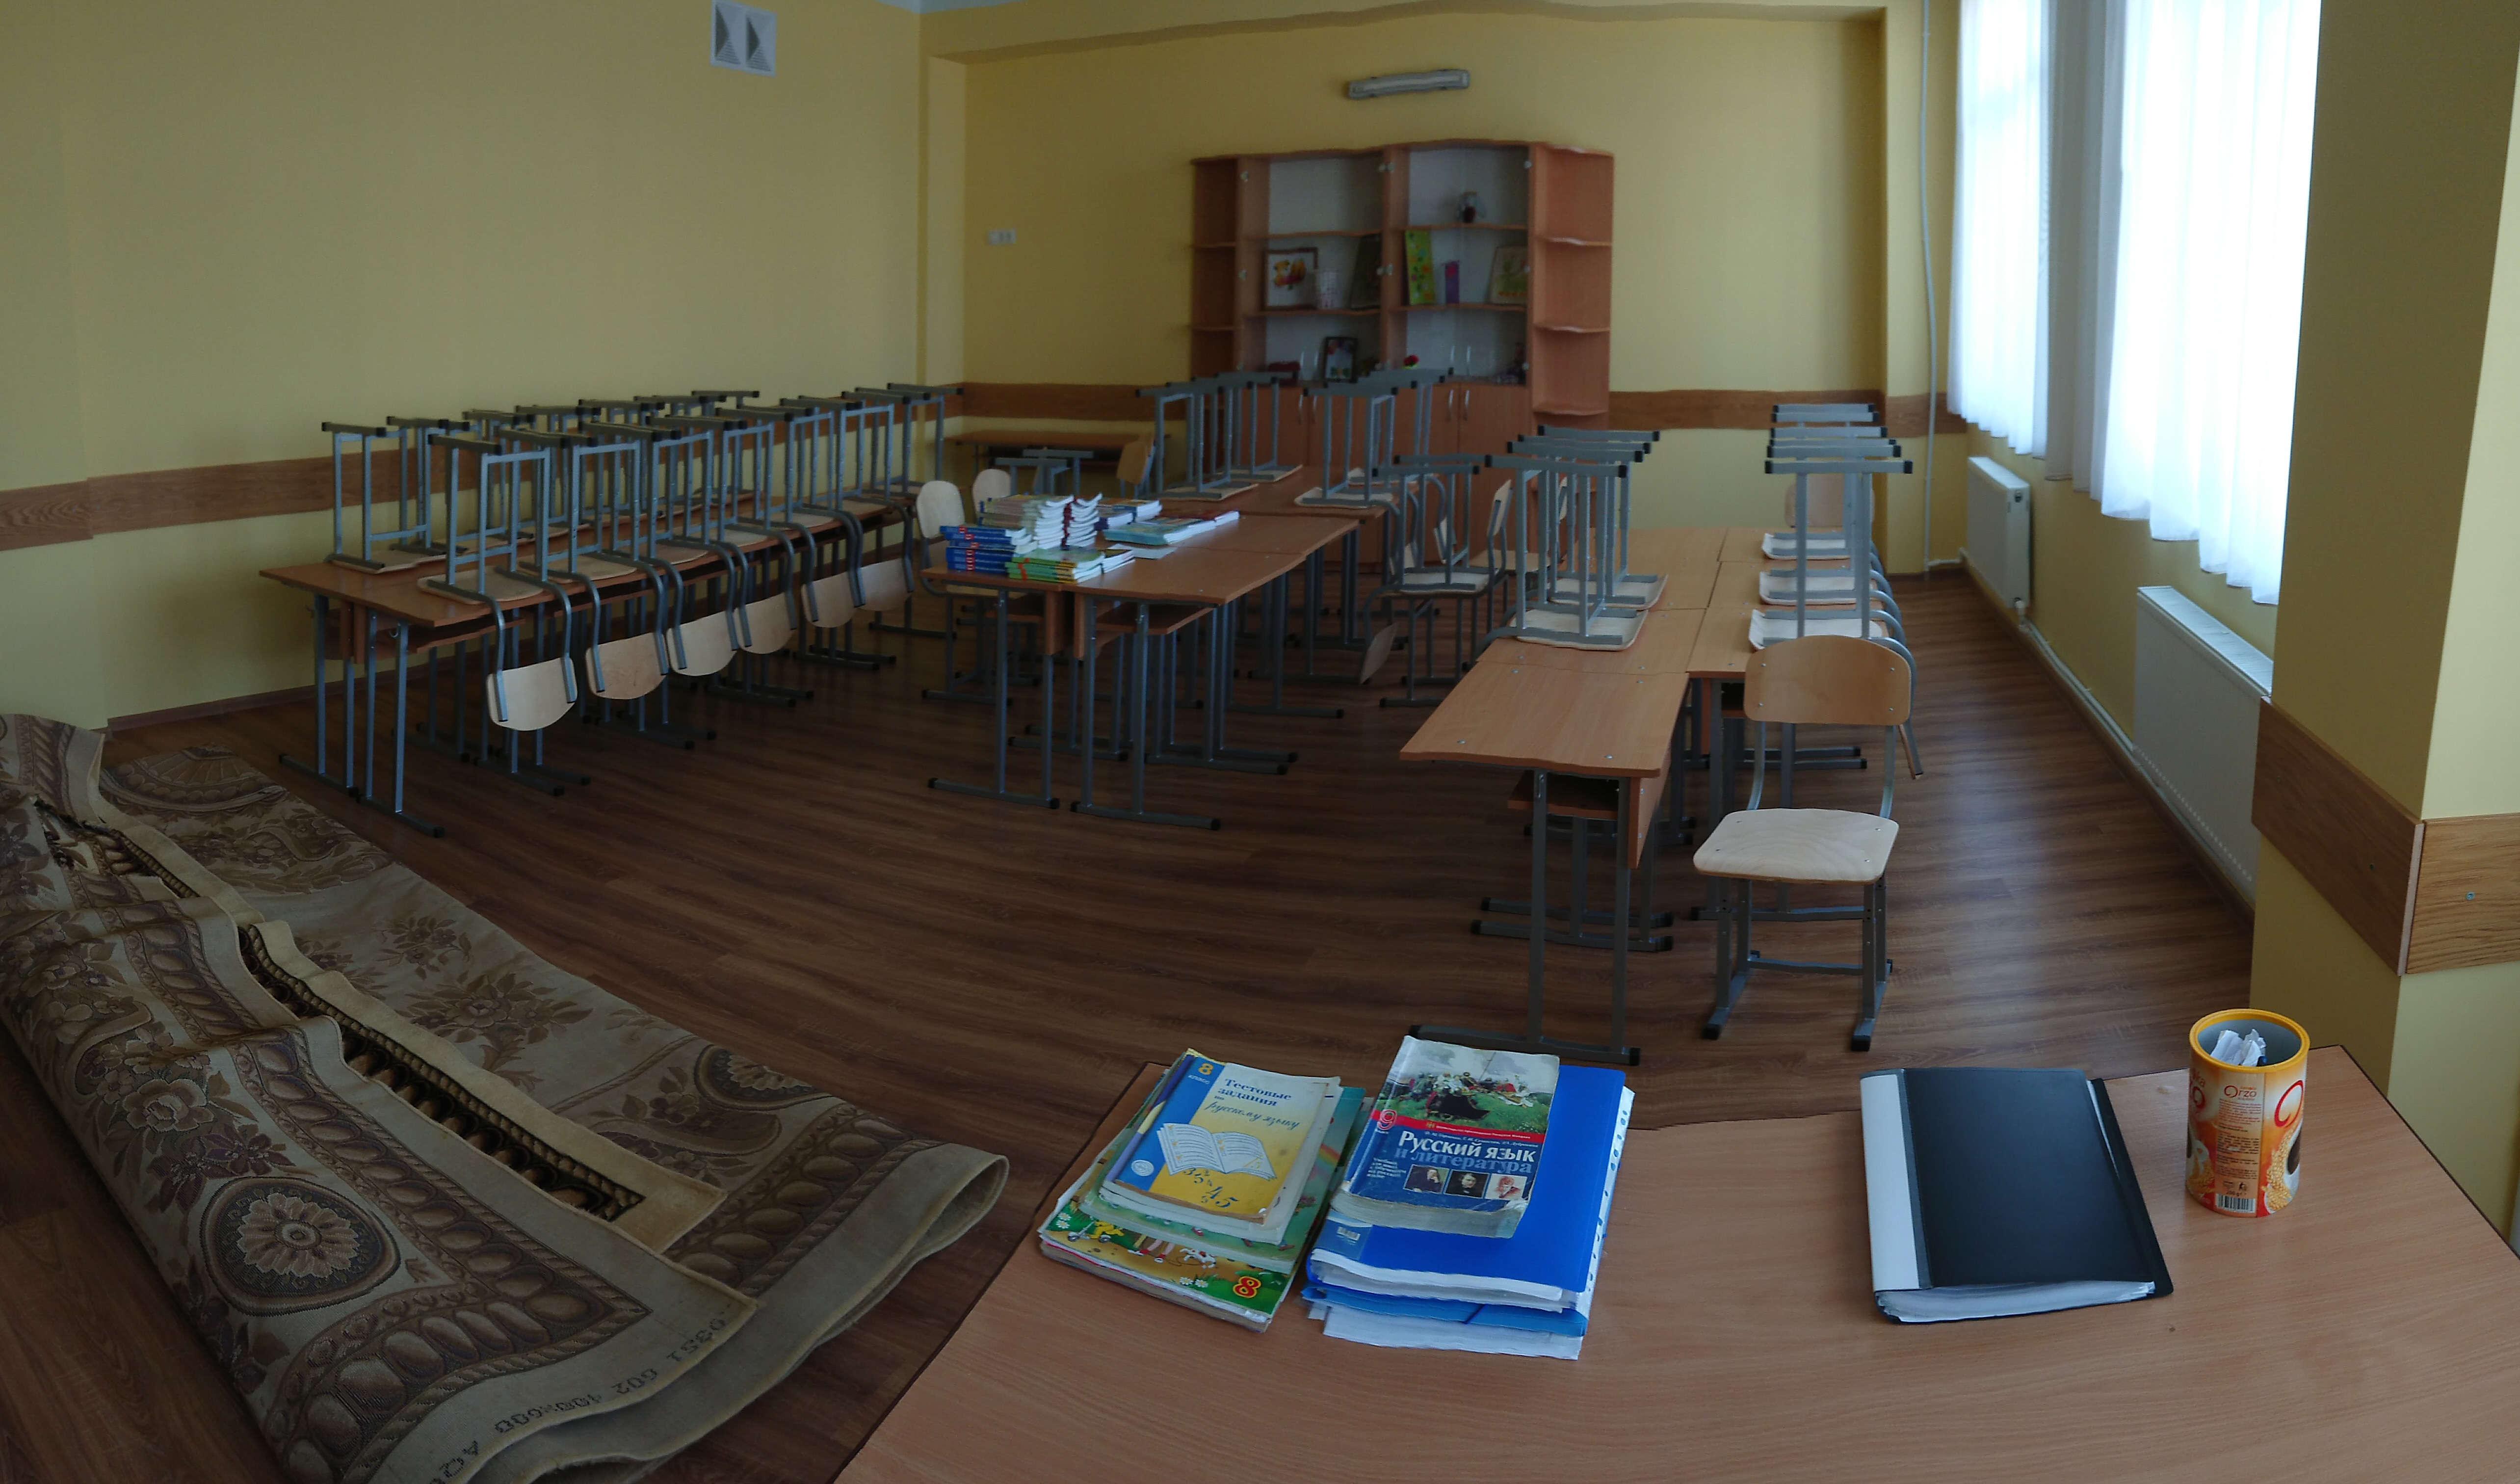 Sala de clasa in curs de amenajare inaintea inceperii noului trimestru scolar